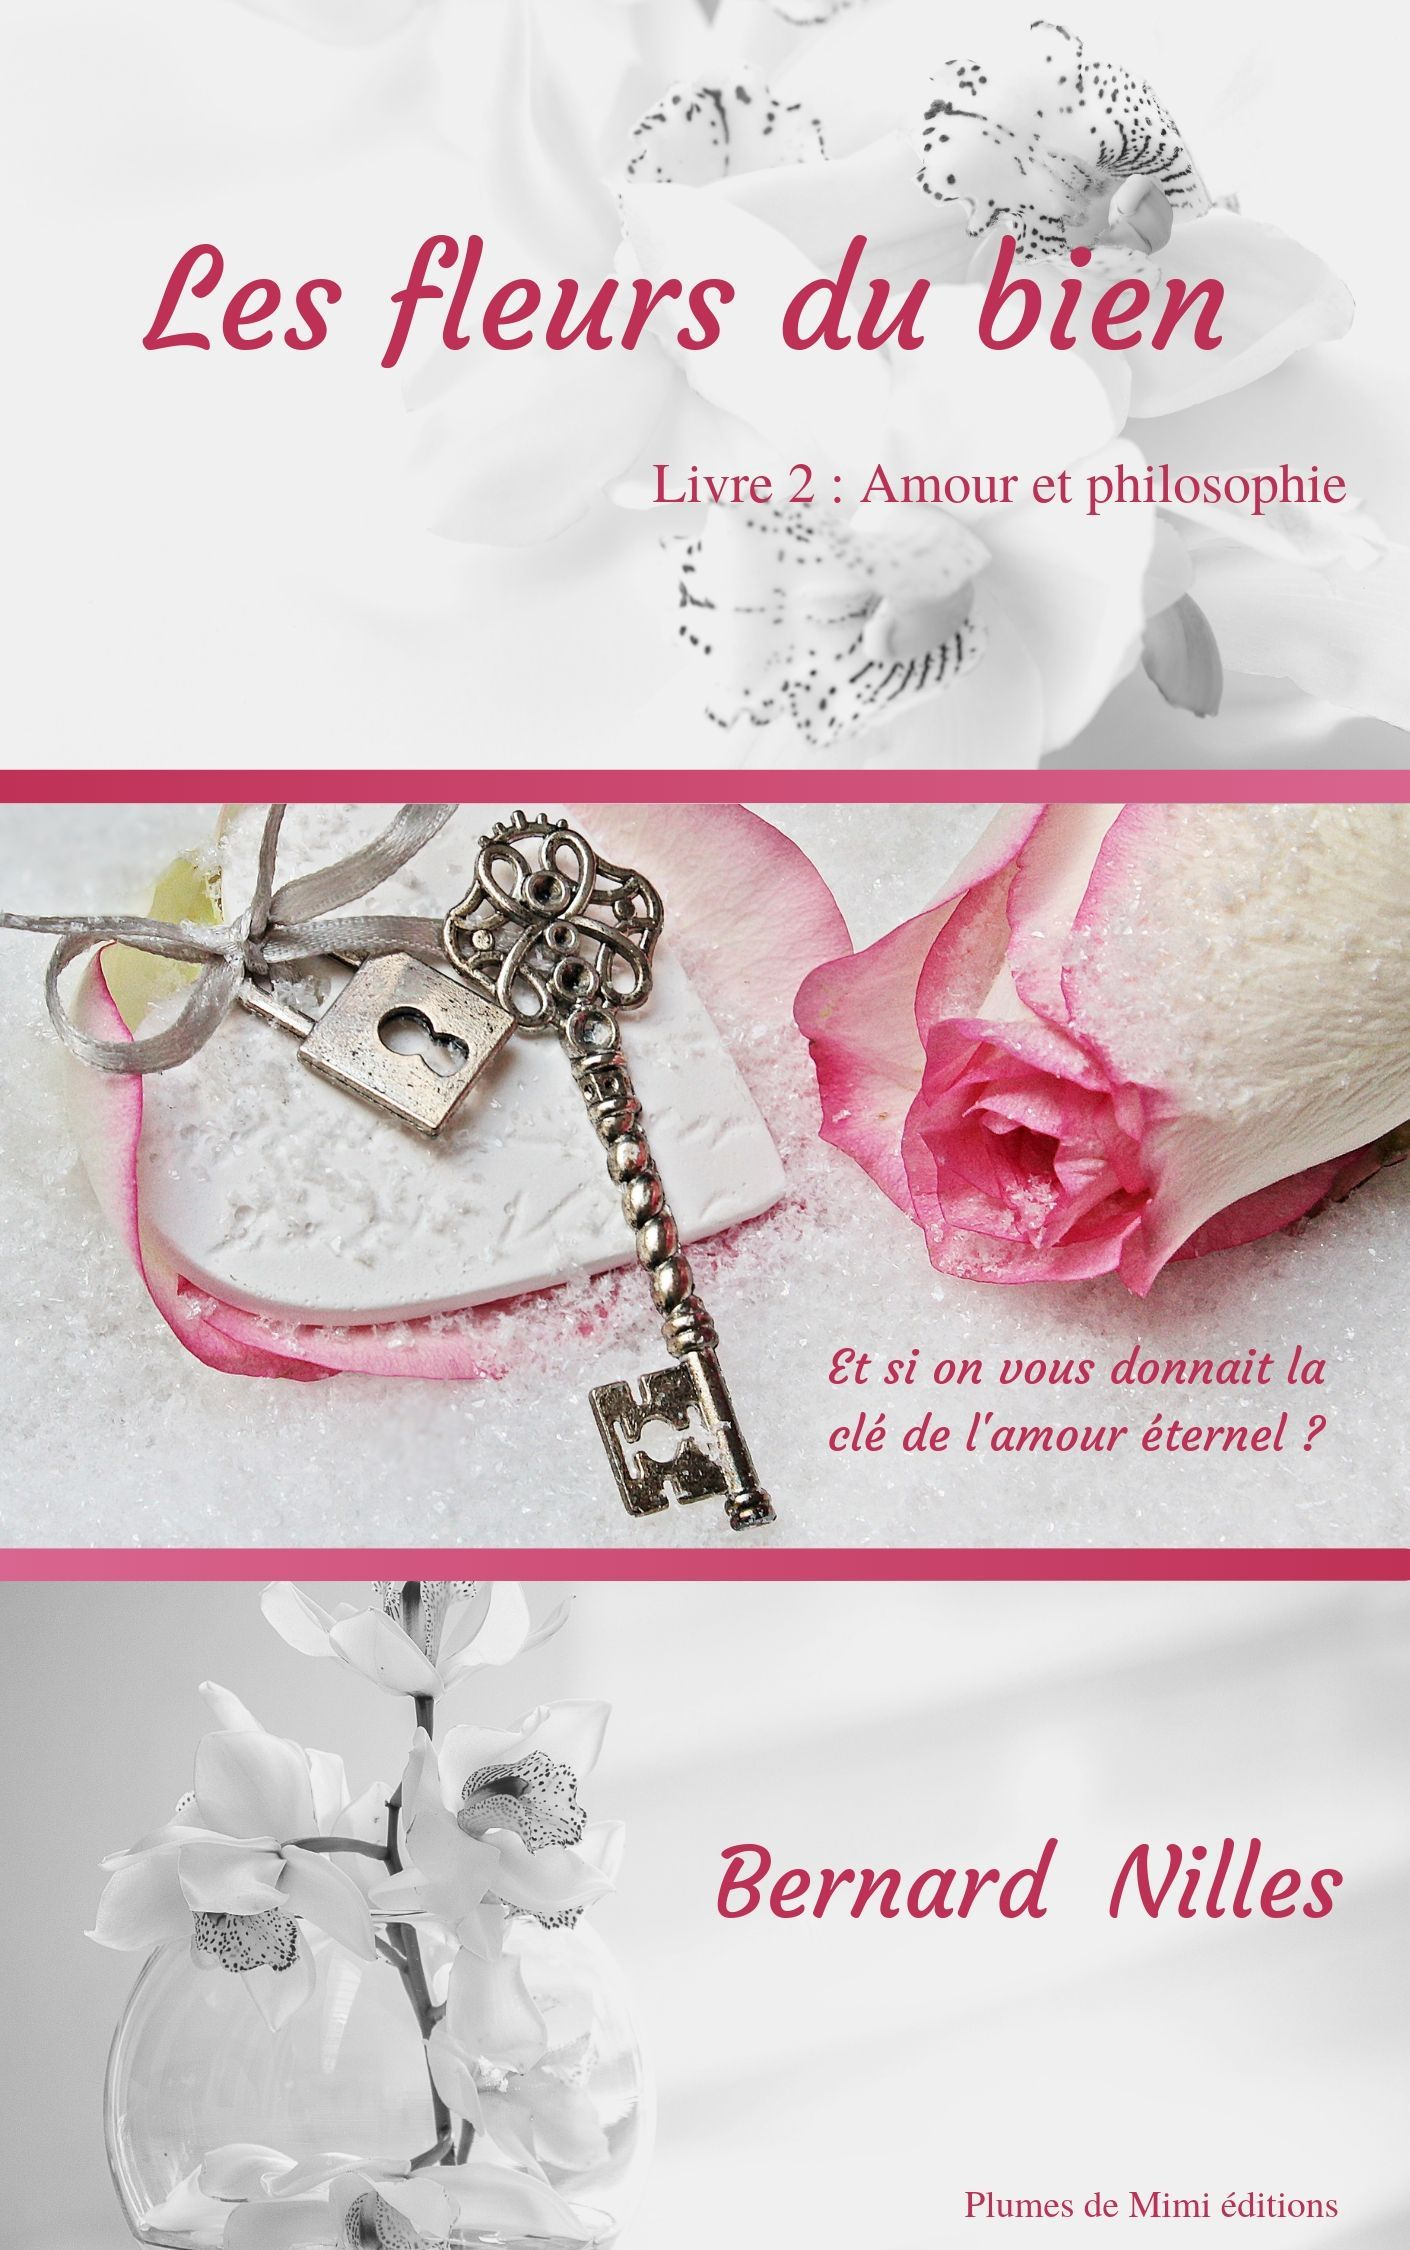 LES FLEURS DU BIEN - LIVRE 2 : AMOUR ET PHILOSOPHIE